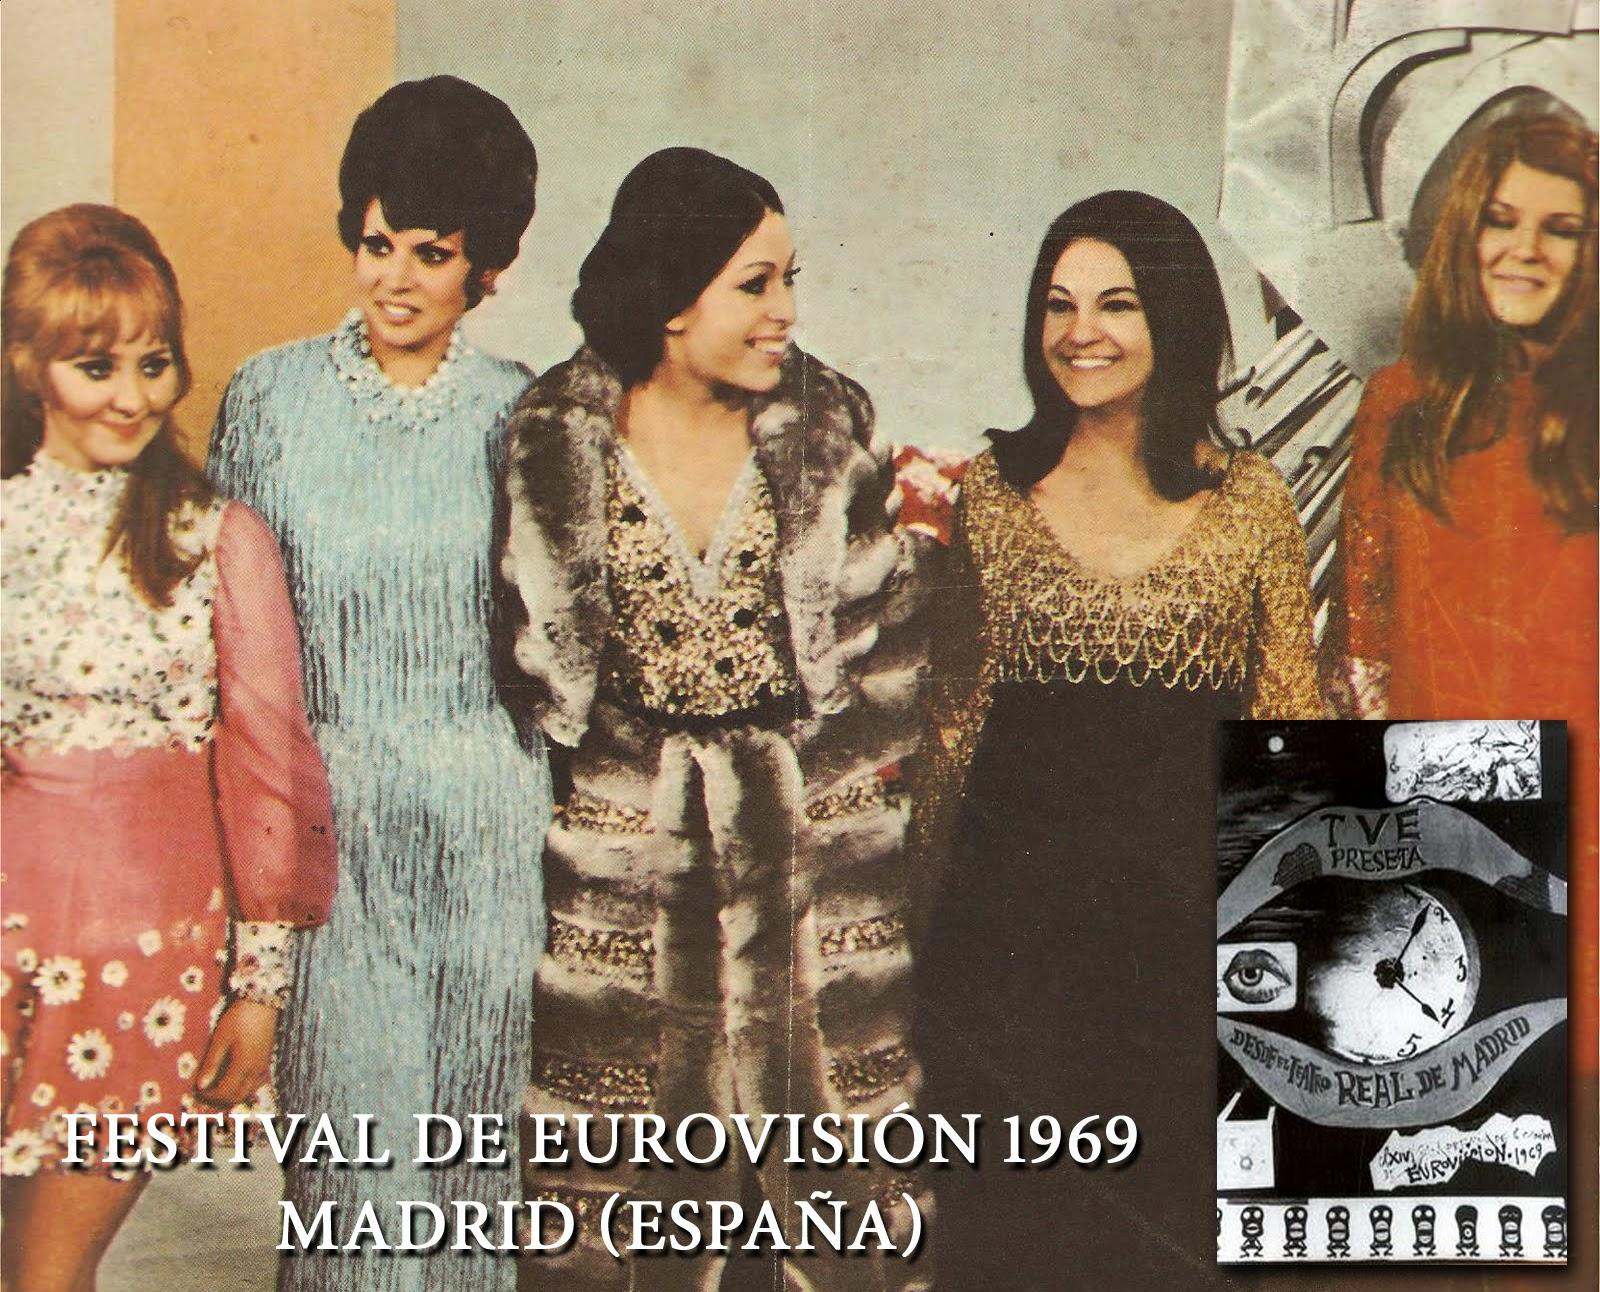 http://descubriendoeurovision.blogspot.com.es/2014/03/un-guino-al-pasado-45-anos-de-la.html?spref=fb